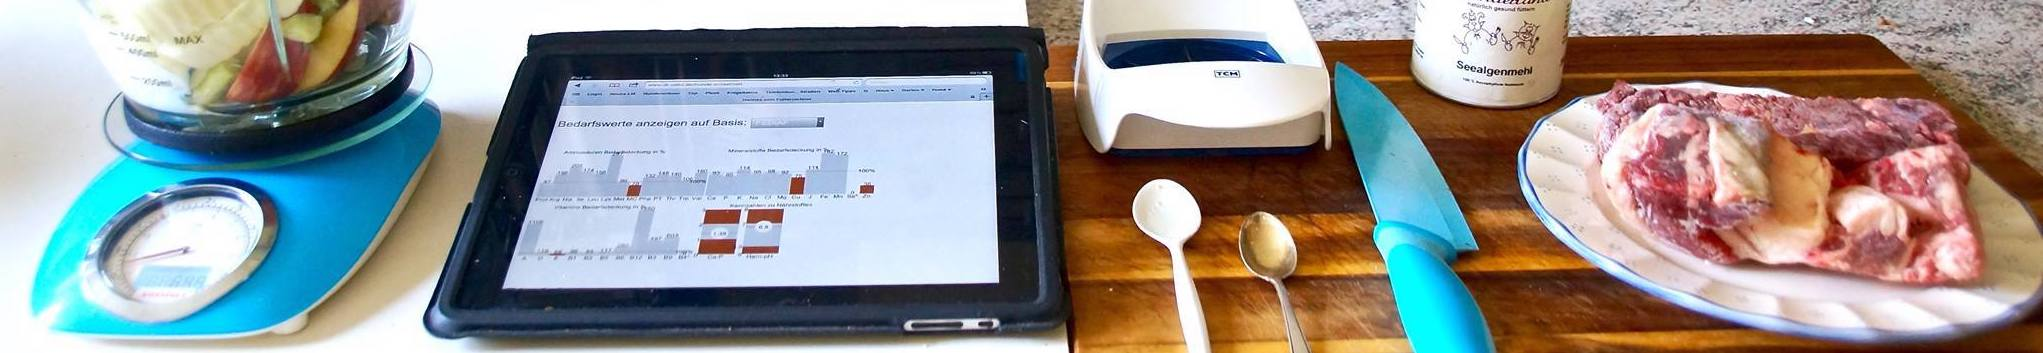 Hannes Sein Futterrechner in der Küche